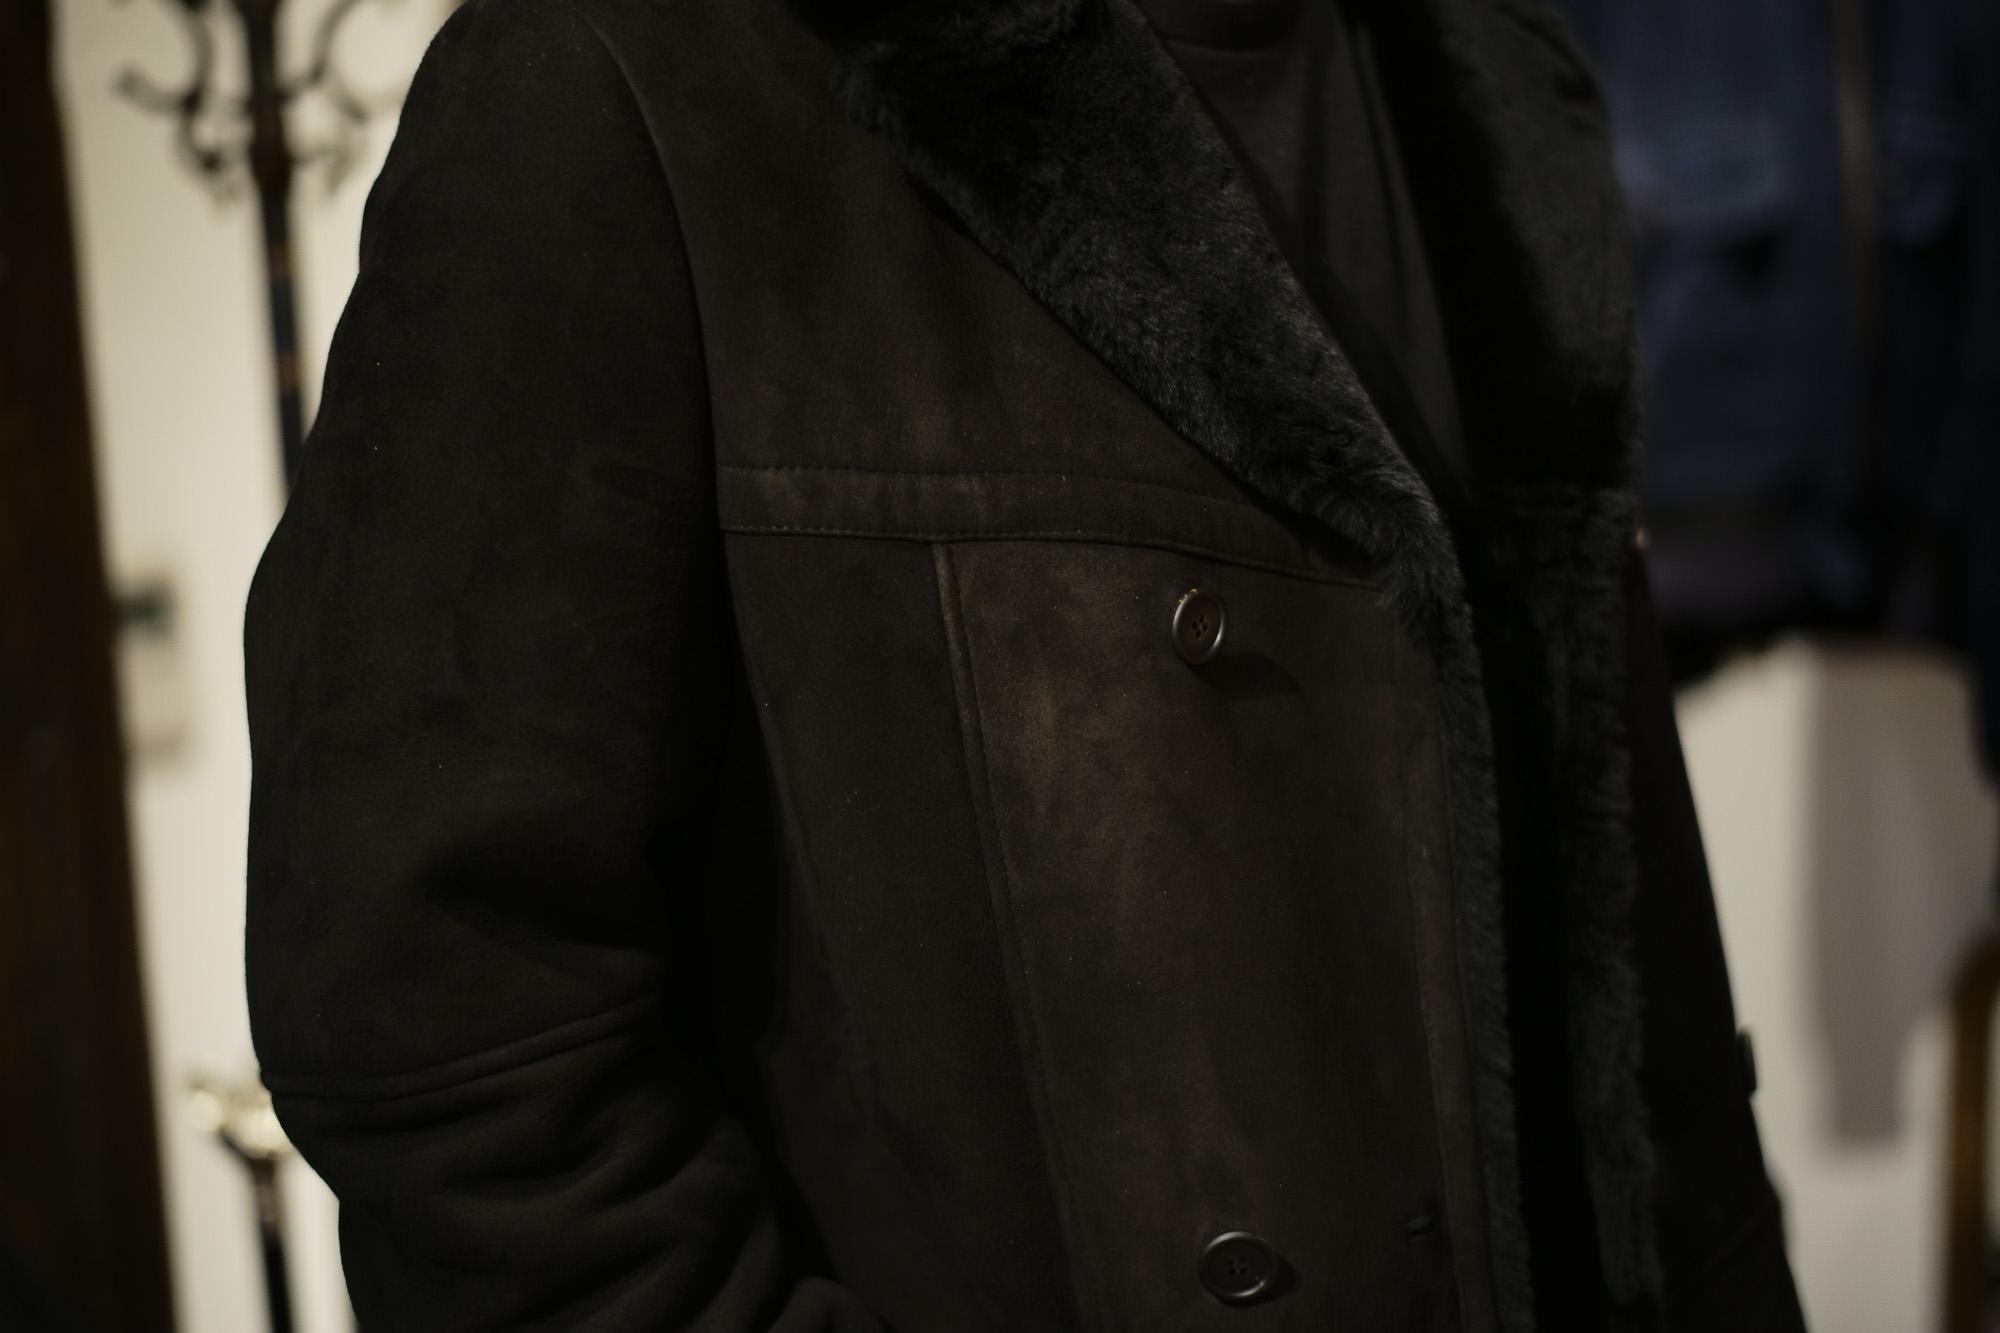 EMMETI (エンメティ) WILL (ウィル) Merino Mouton (メリノ ムートン) ダブルブレスト ムートンコート NERO (ブラック) Made in italy (イタリア製) 2018 秋冬 emmeti ムートンコート 愛知 名古屋 Alto e Diritto アルト エ デリット  42,44,46,48,50,52